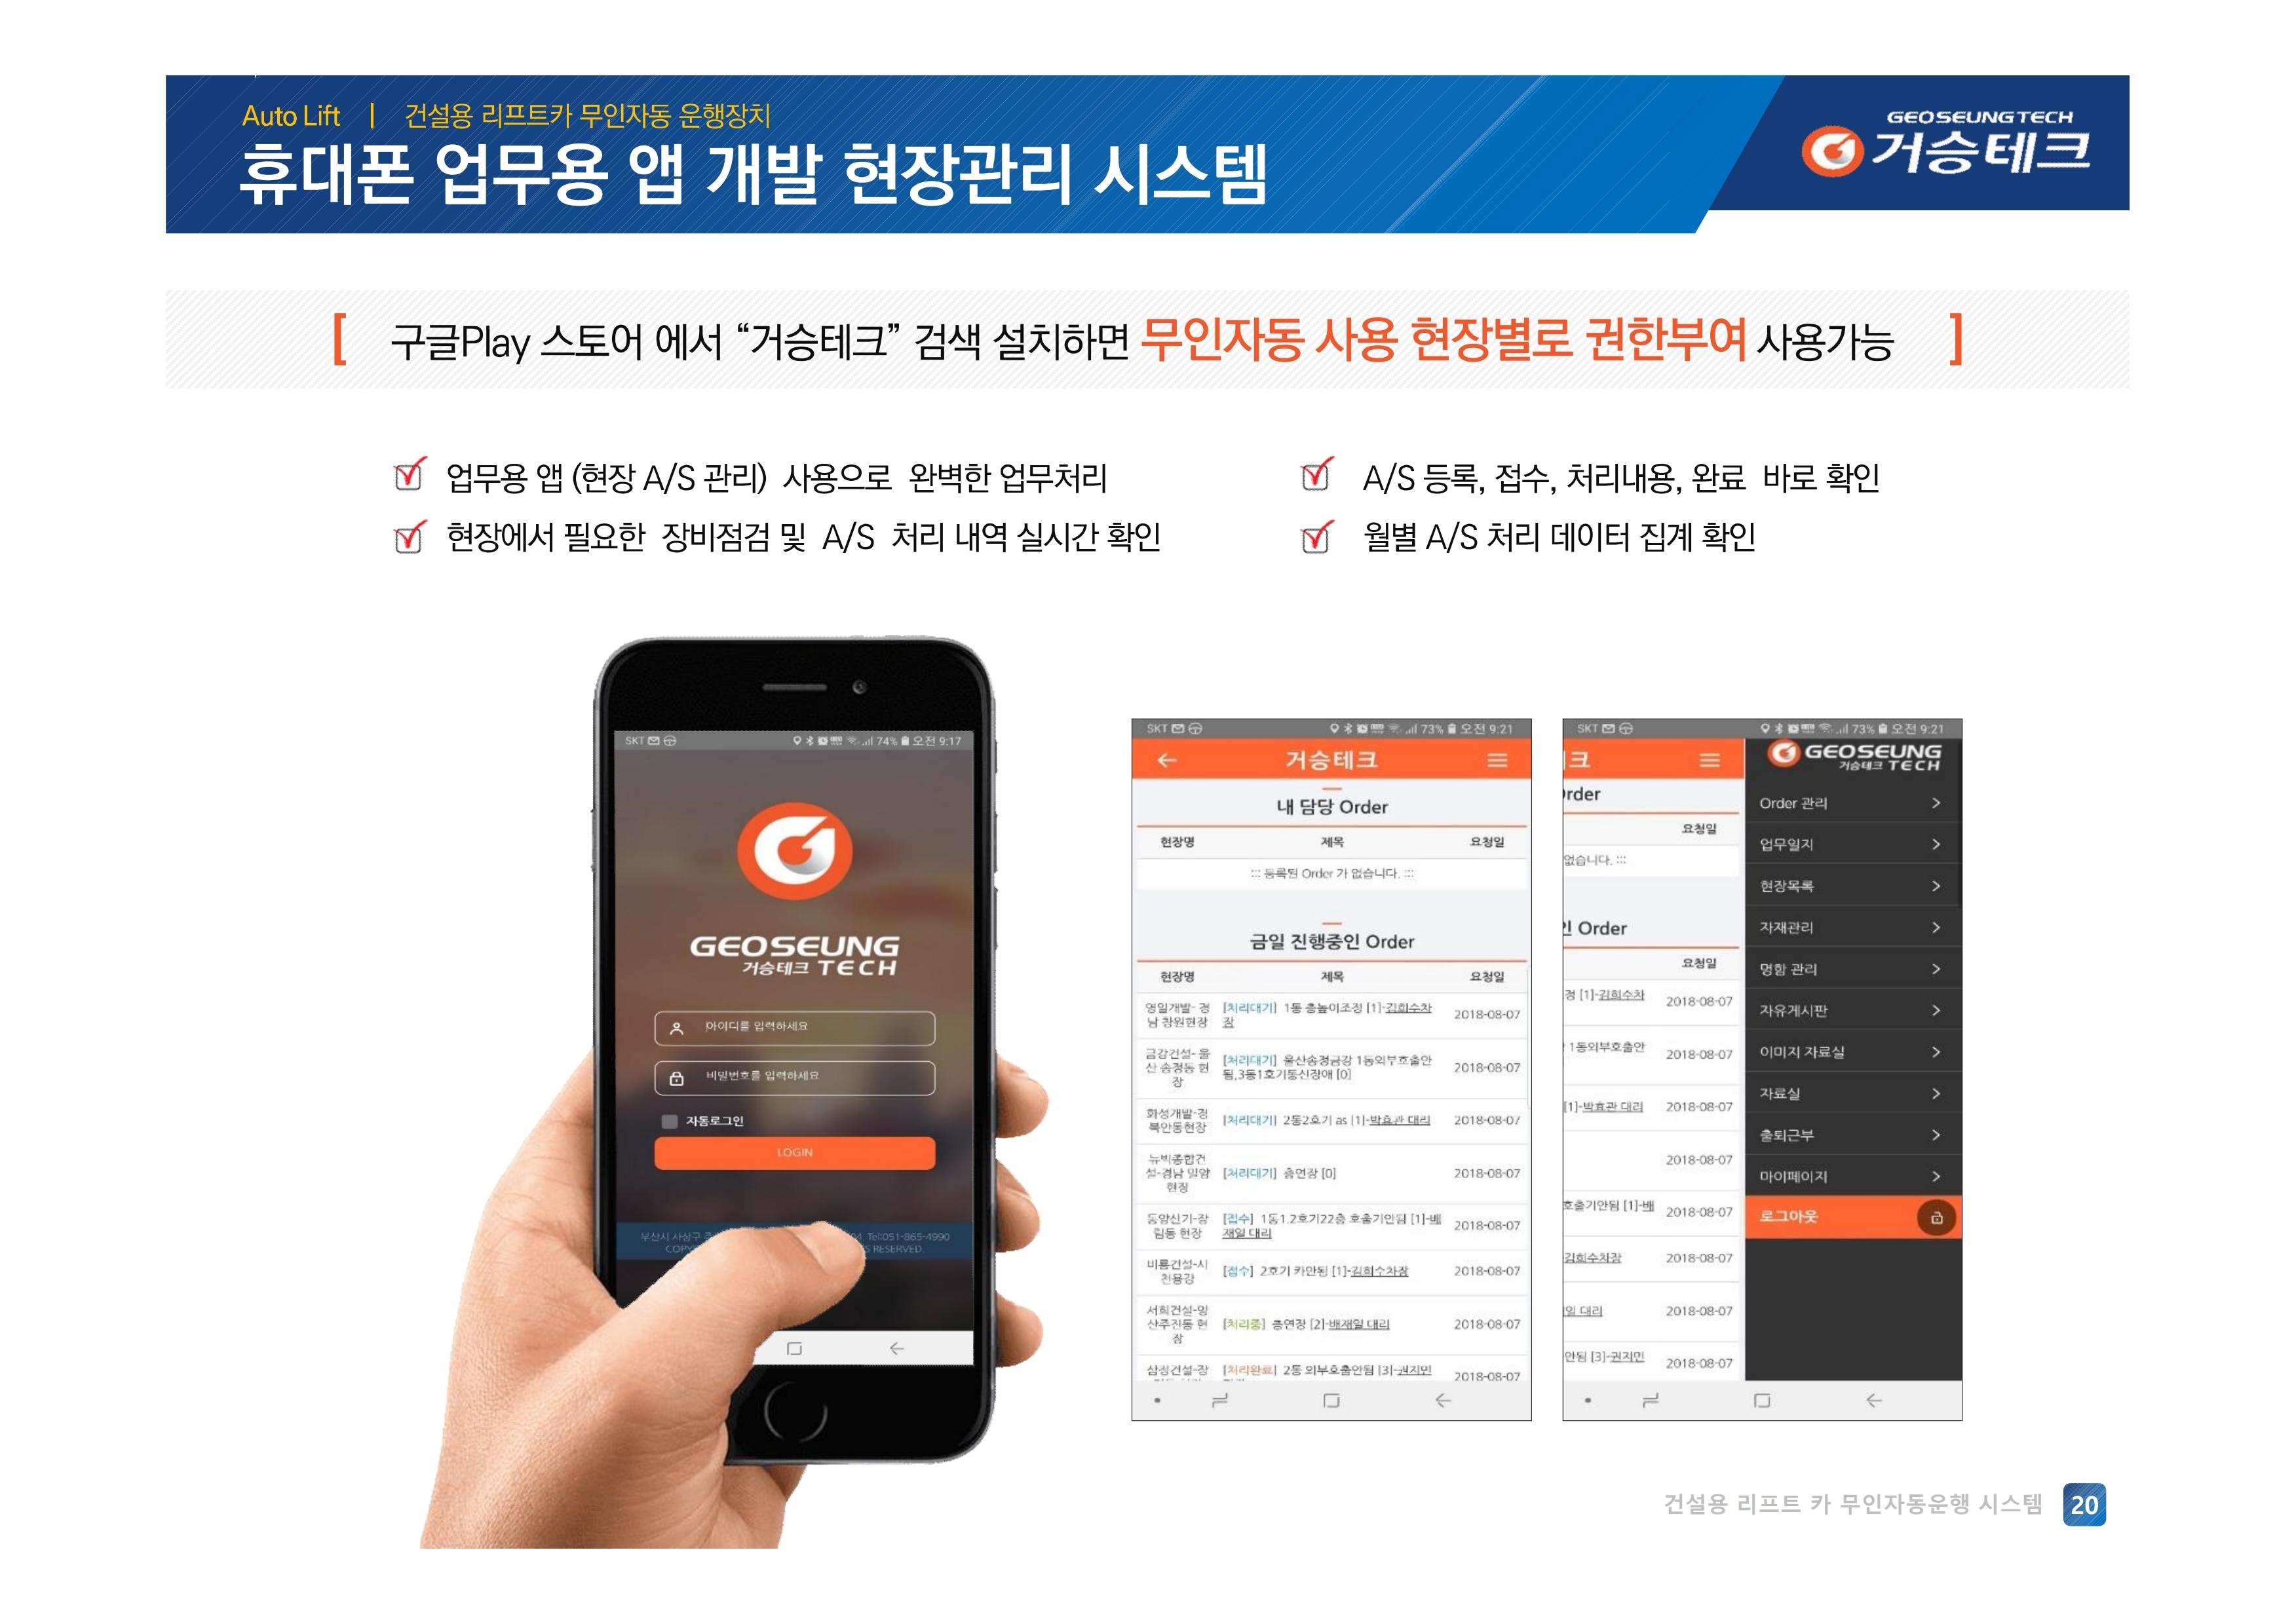 무인자동 (거승테크)-Rev01 (2020-07-22).pdf_page_20.jpg